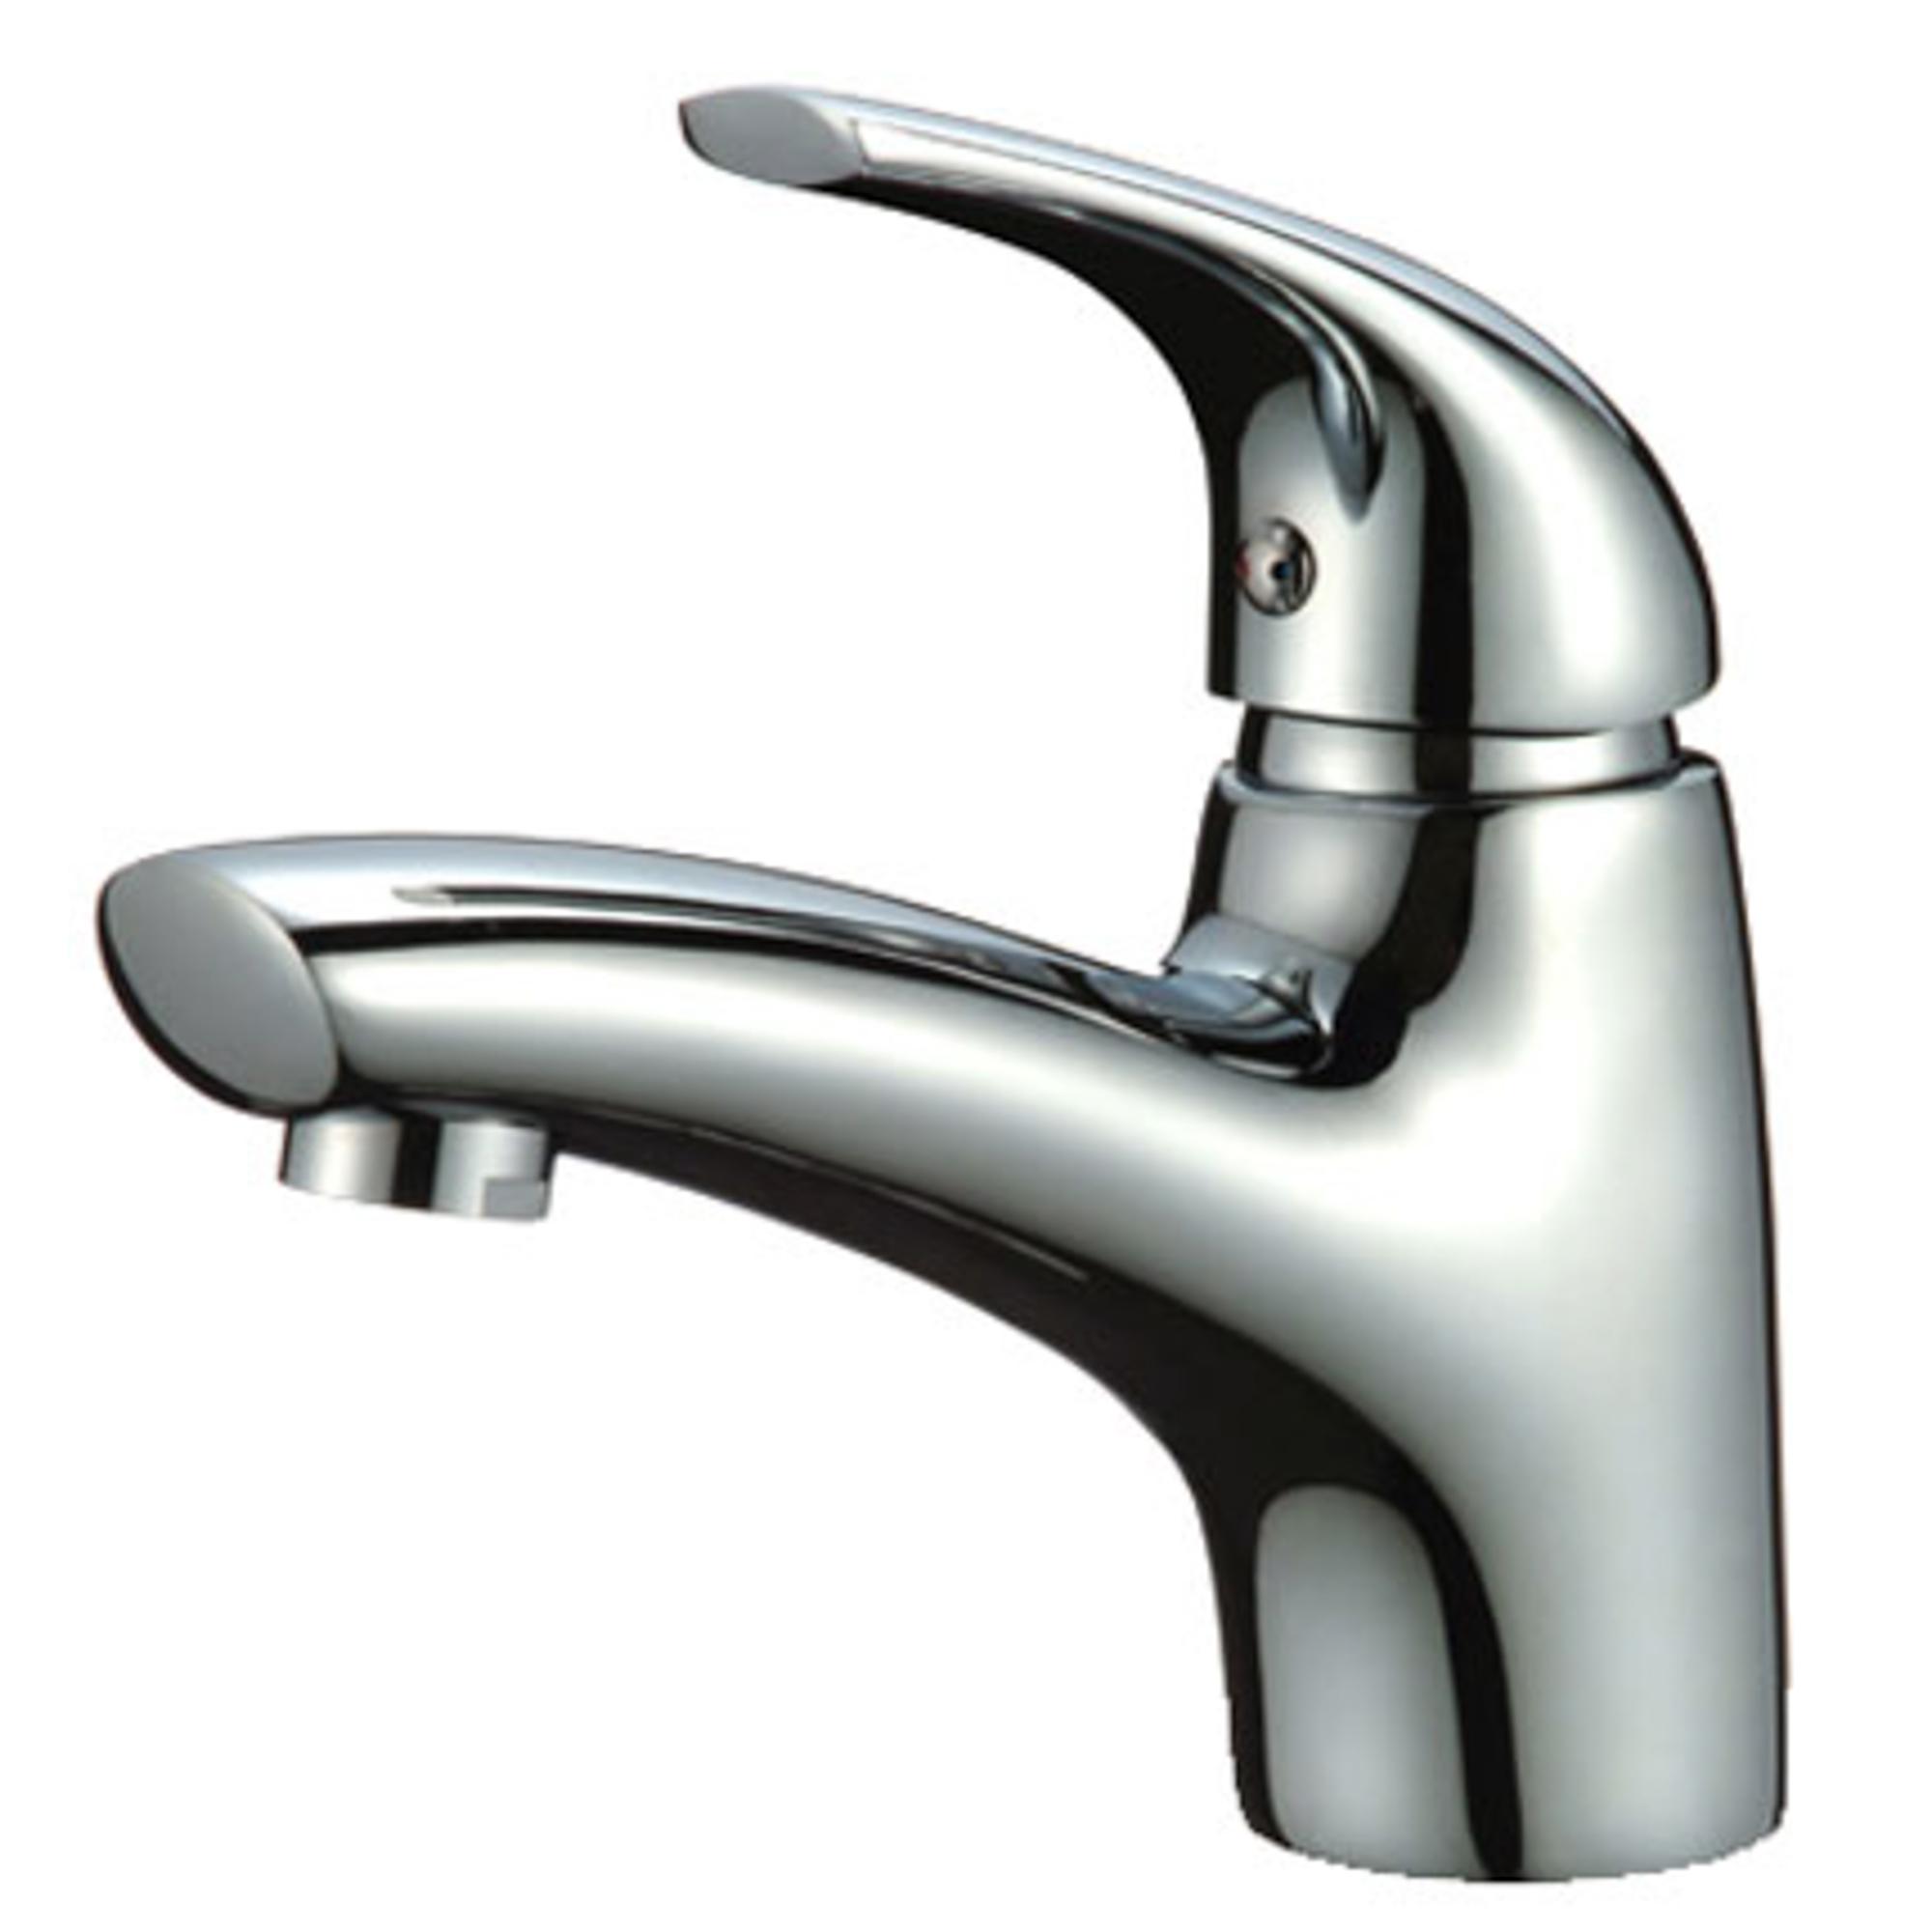 Смеситель для раковины Voda Bubble BL26 недорого